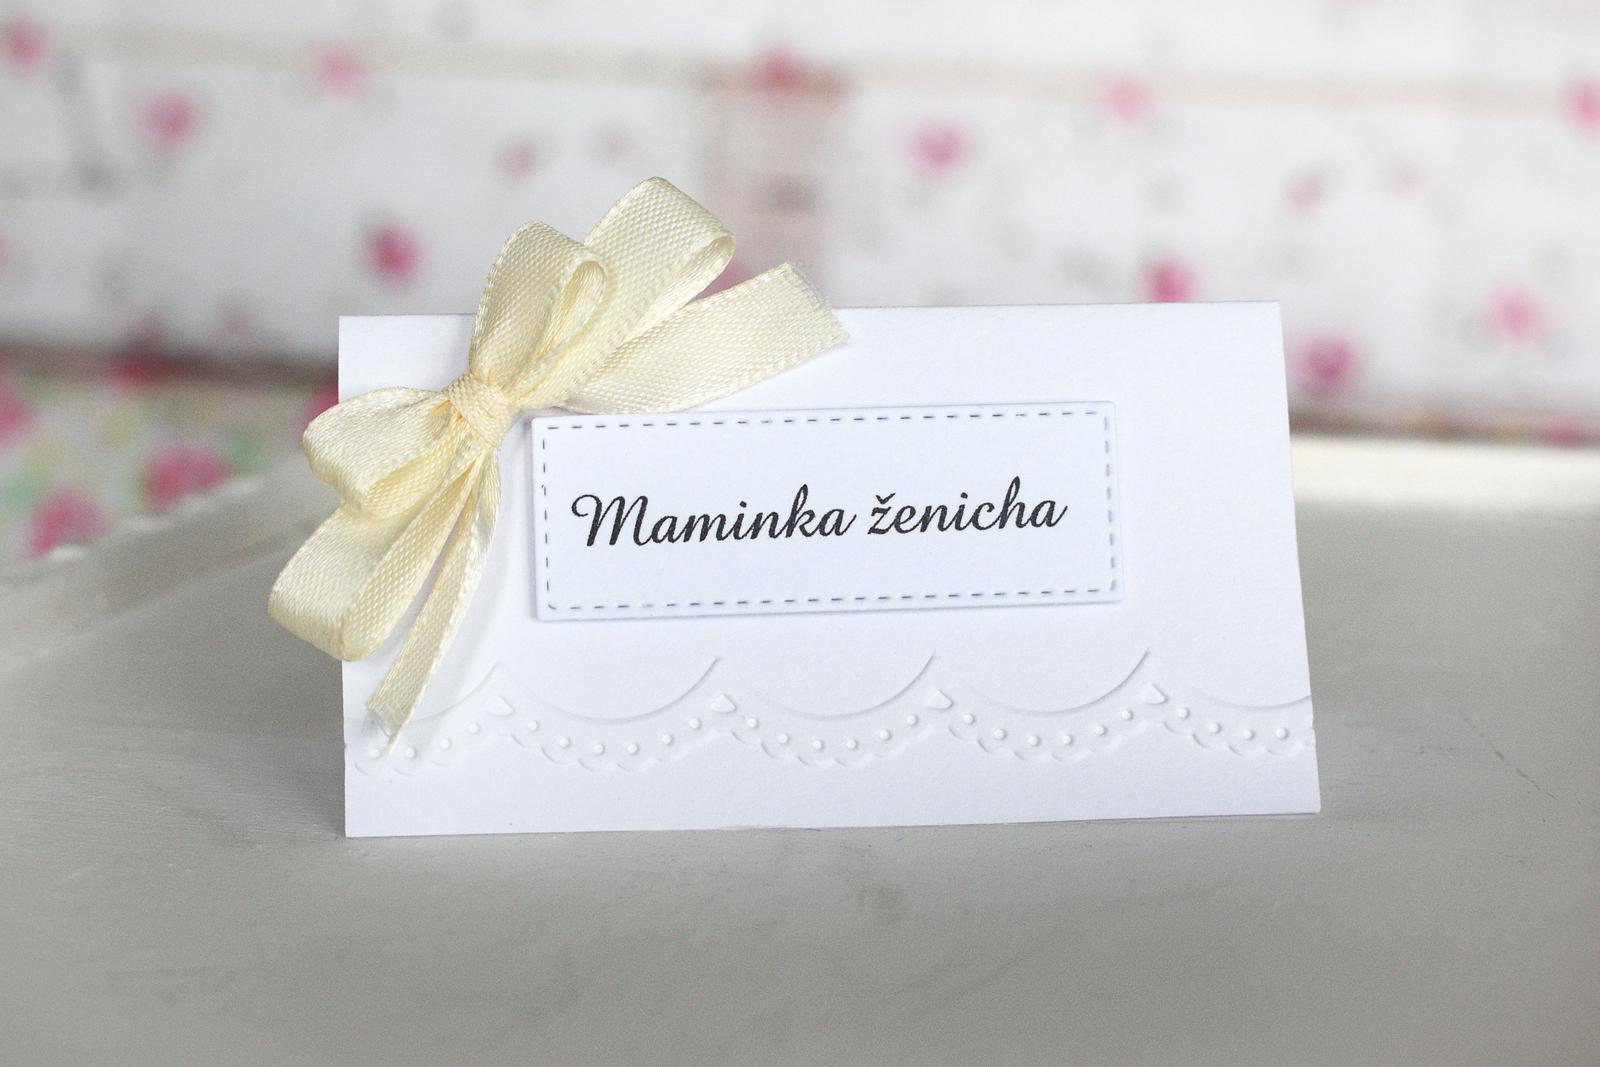 erika_rekniano - hand made svatební jmenovka na stůl s mašlí